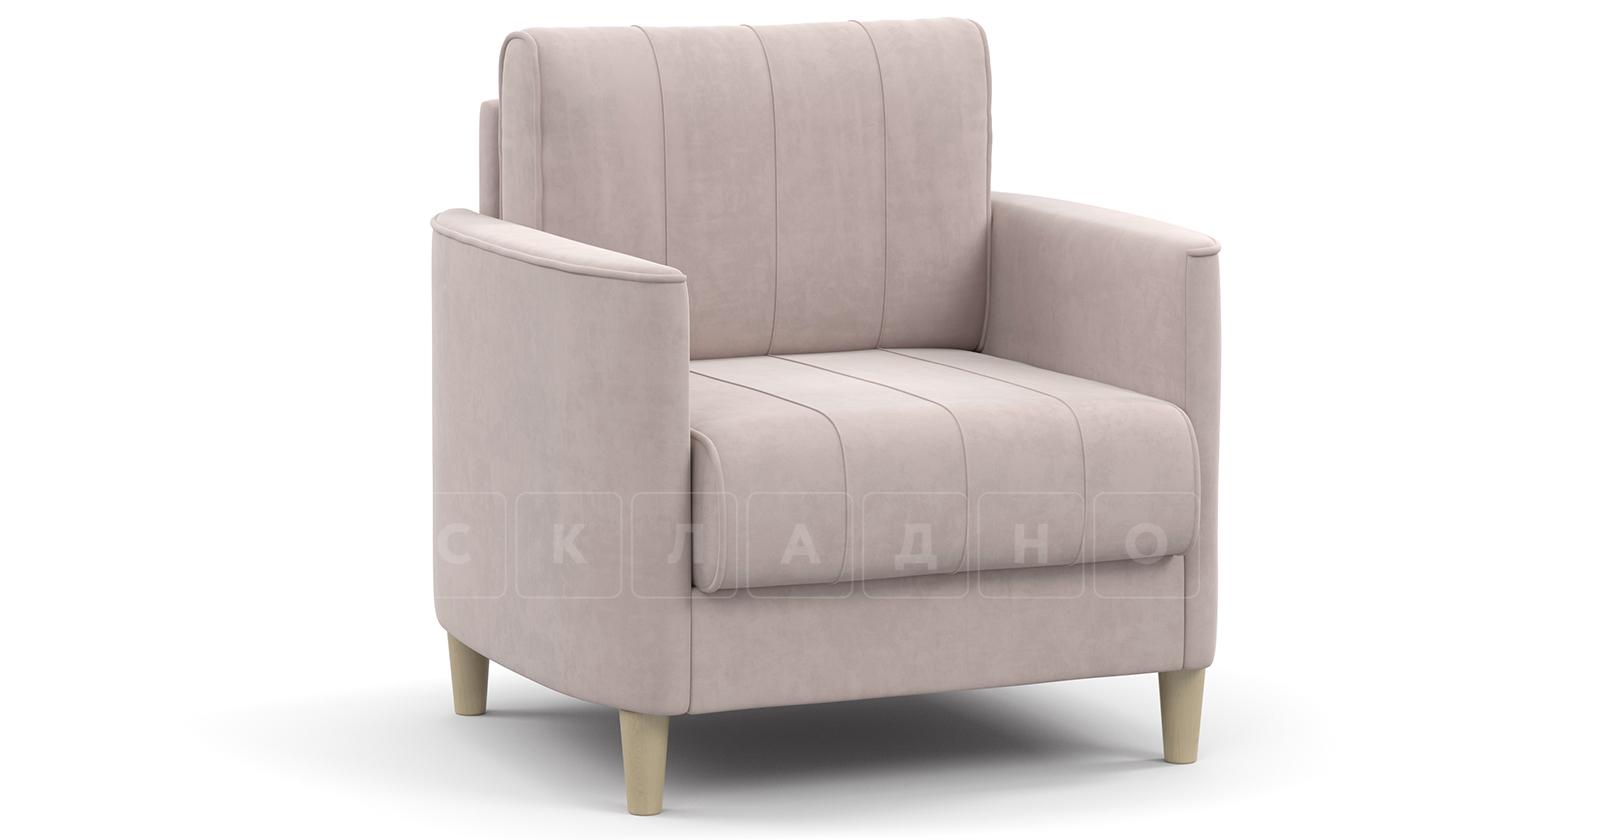 Кресло для отдыха Лорен пудровый фото 1 | интернет-магазин Складно